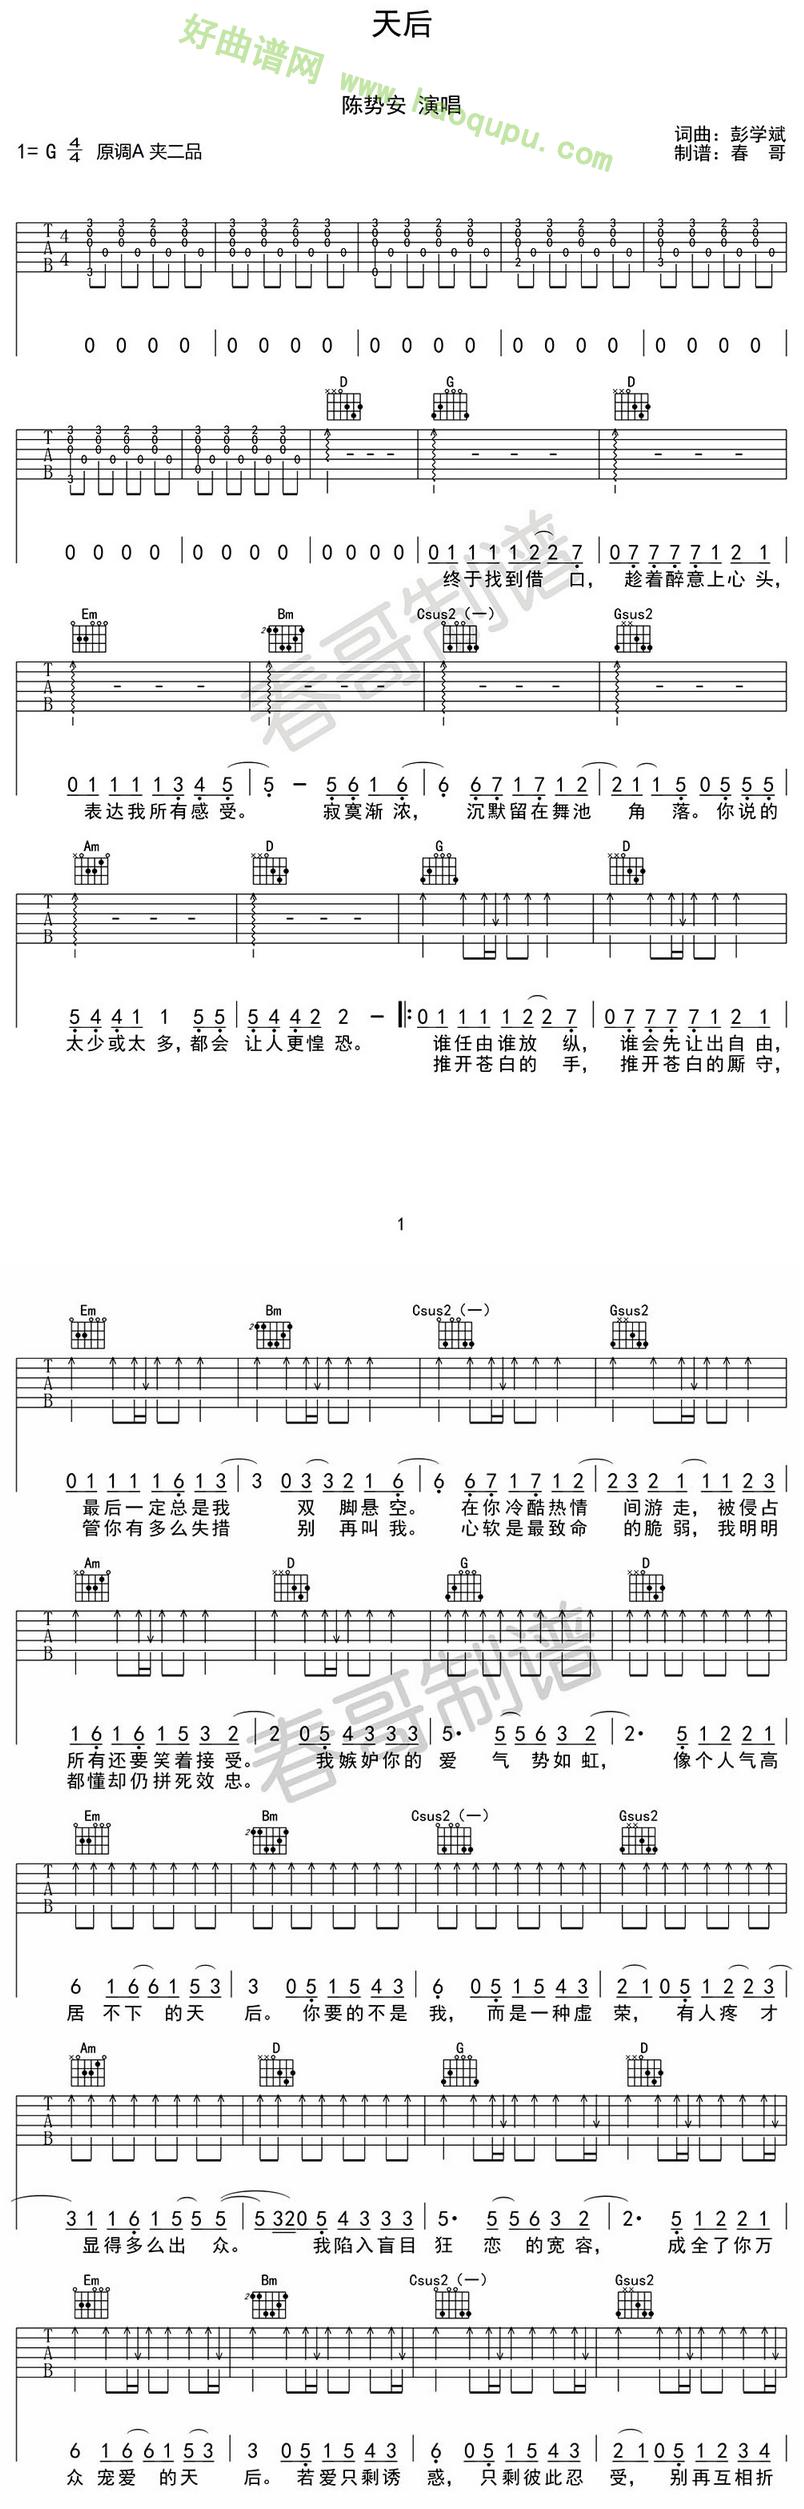 《天后》(陈势安演唱)吉他谱第1张